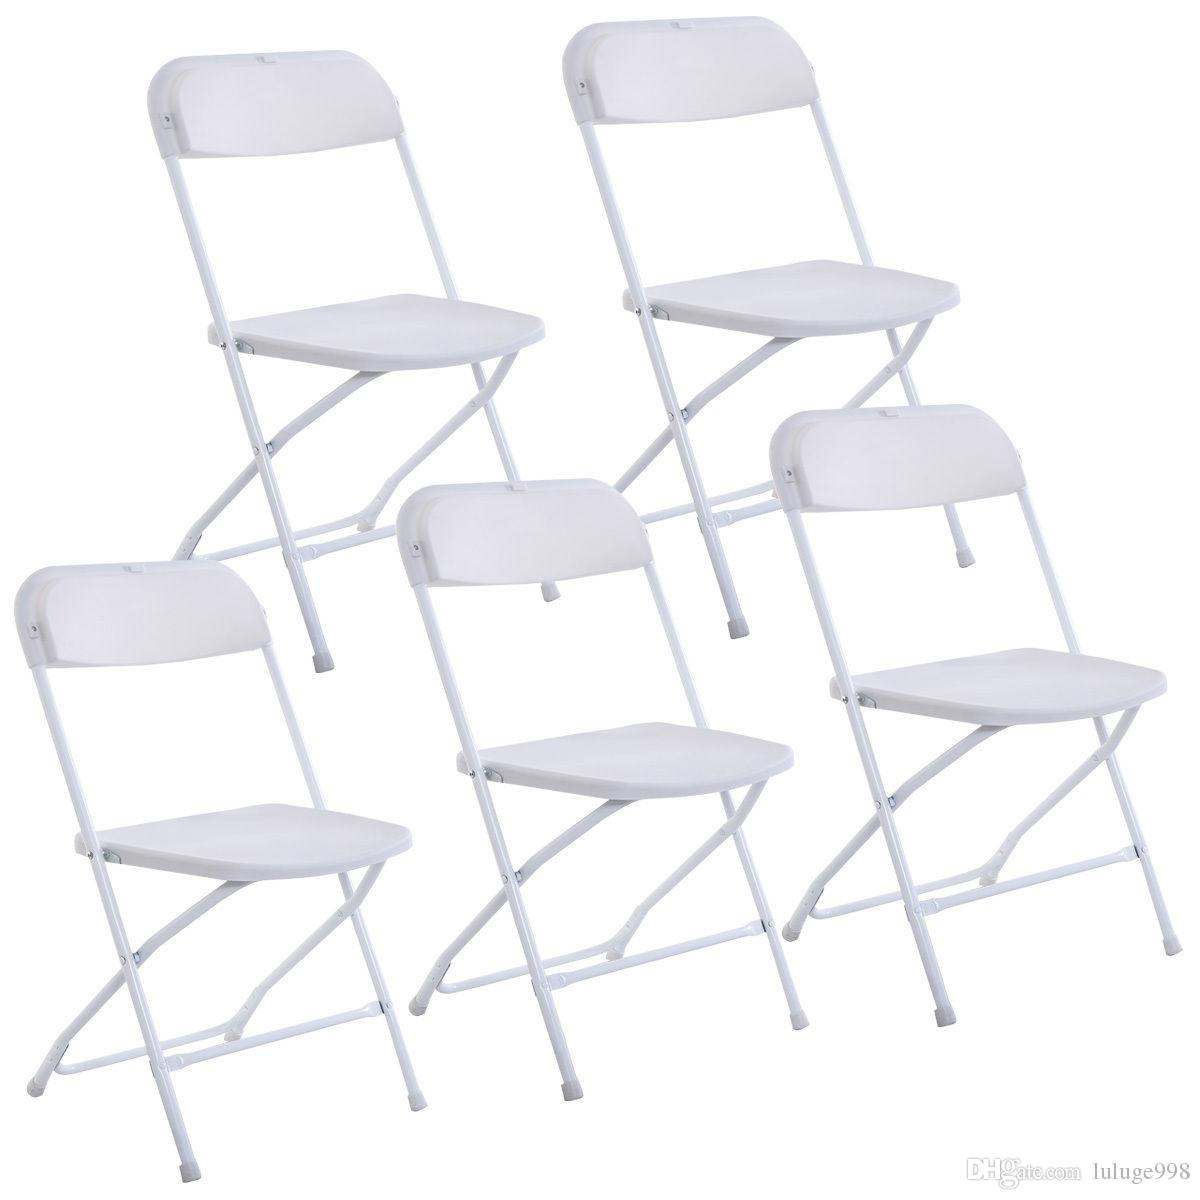 Sedie In Plastica Pieghevoli.Acquista Nuovo Set Di 5 Sedie Pieghevoli Di Plastica Sedie Da